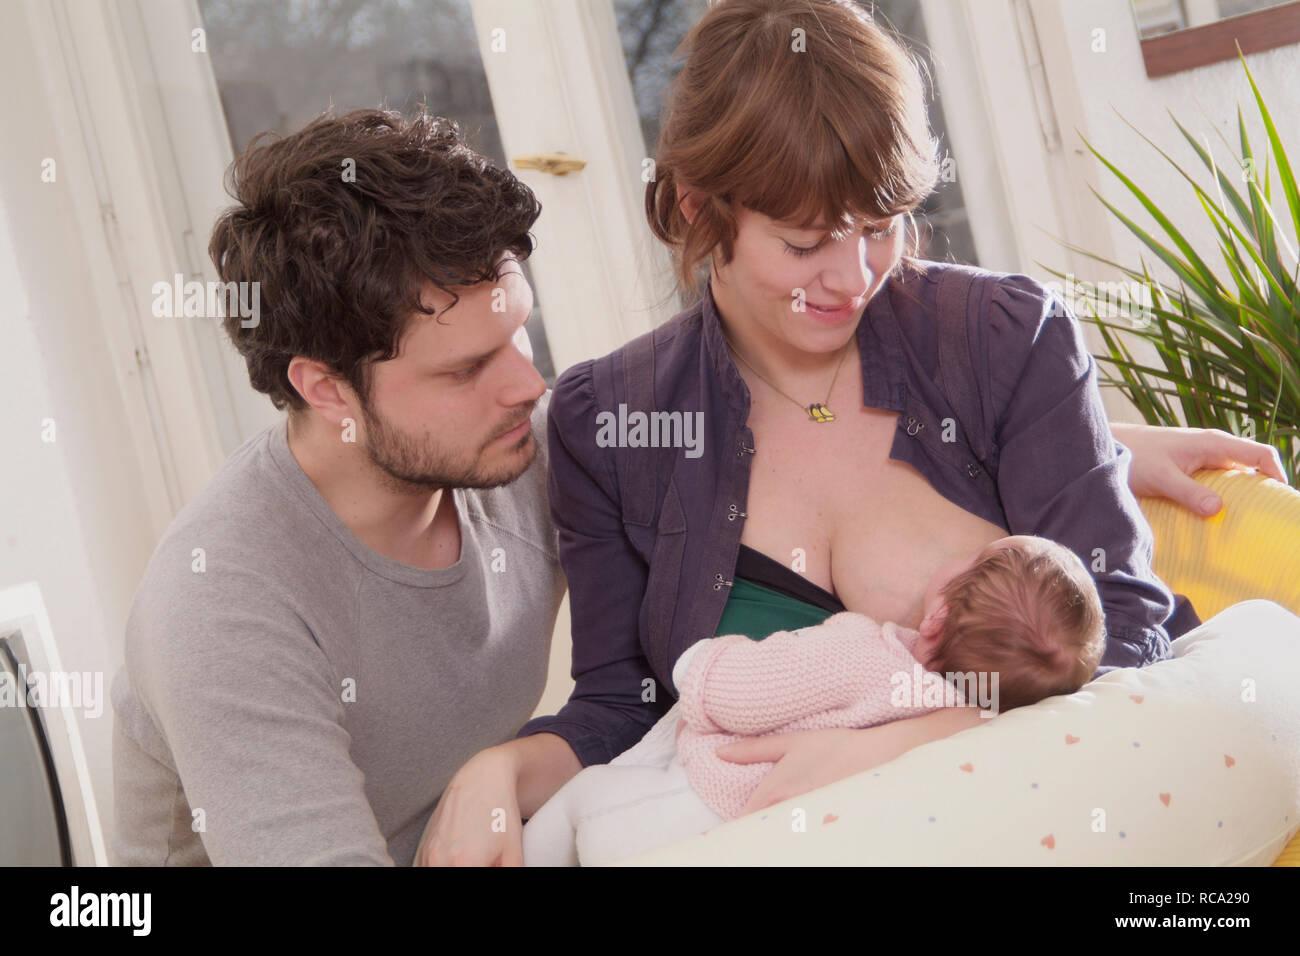 Junge Die Eltern beim neugeborenen Stillen ihrer Tochter, das ist genre 12 Tage alt | jeunes parents allaitent leur bébé nouveau-né - le bébé est 12 jours. Banque D'Images